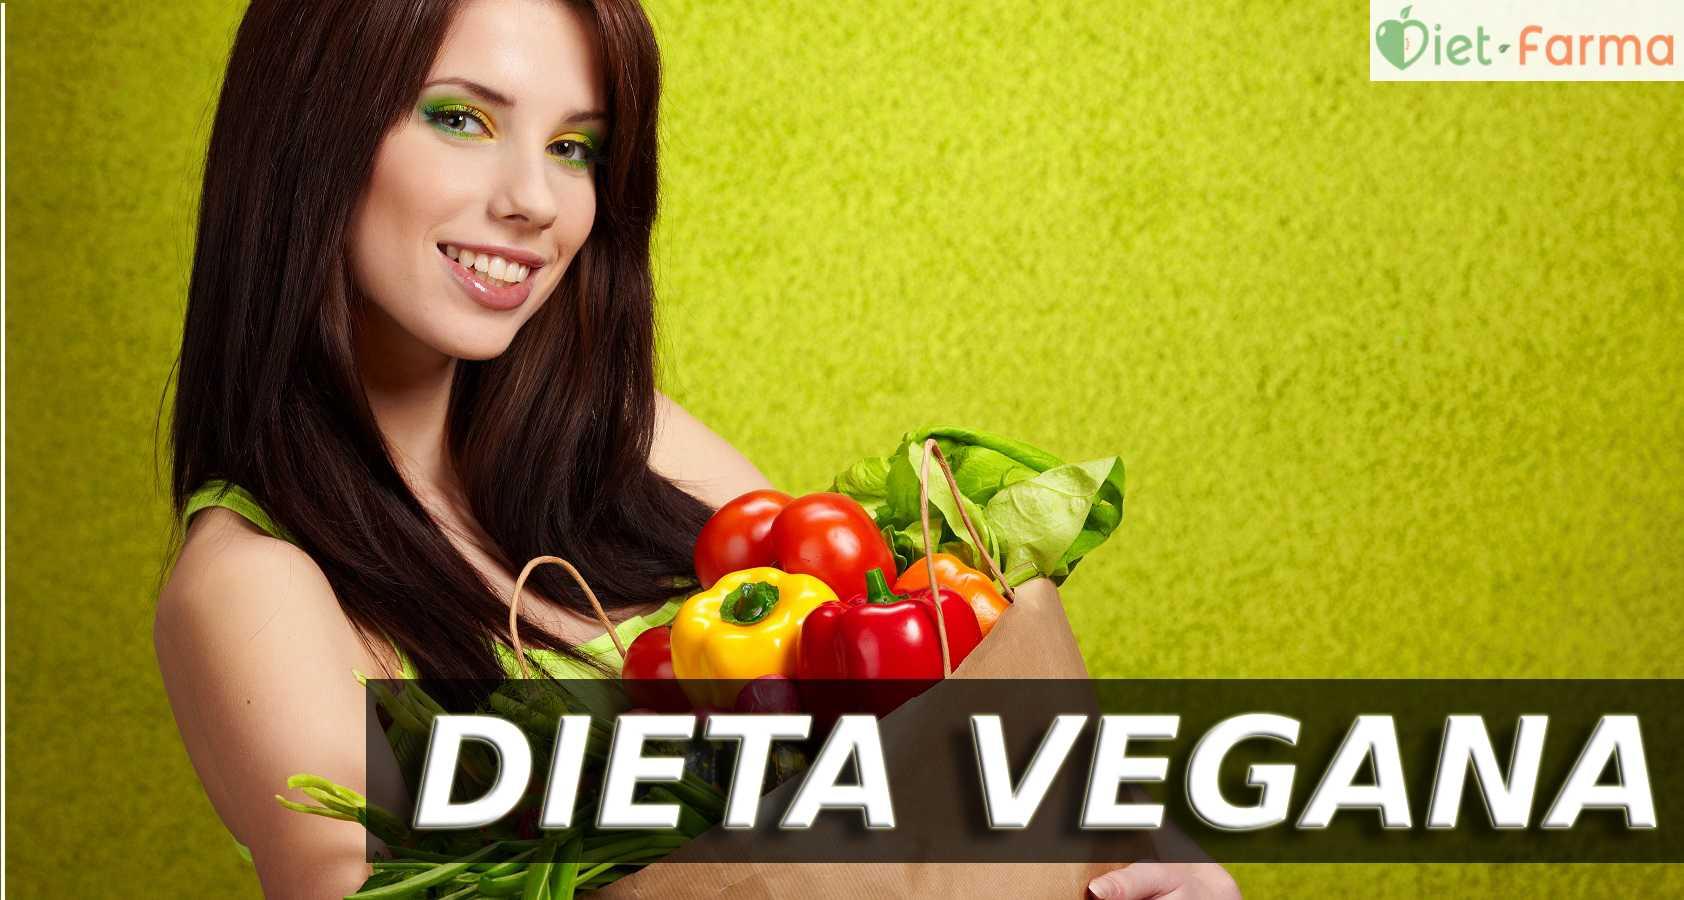 chica con cesta de vegetales